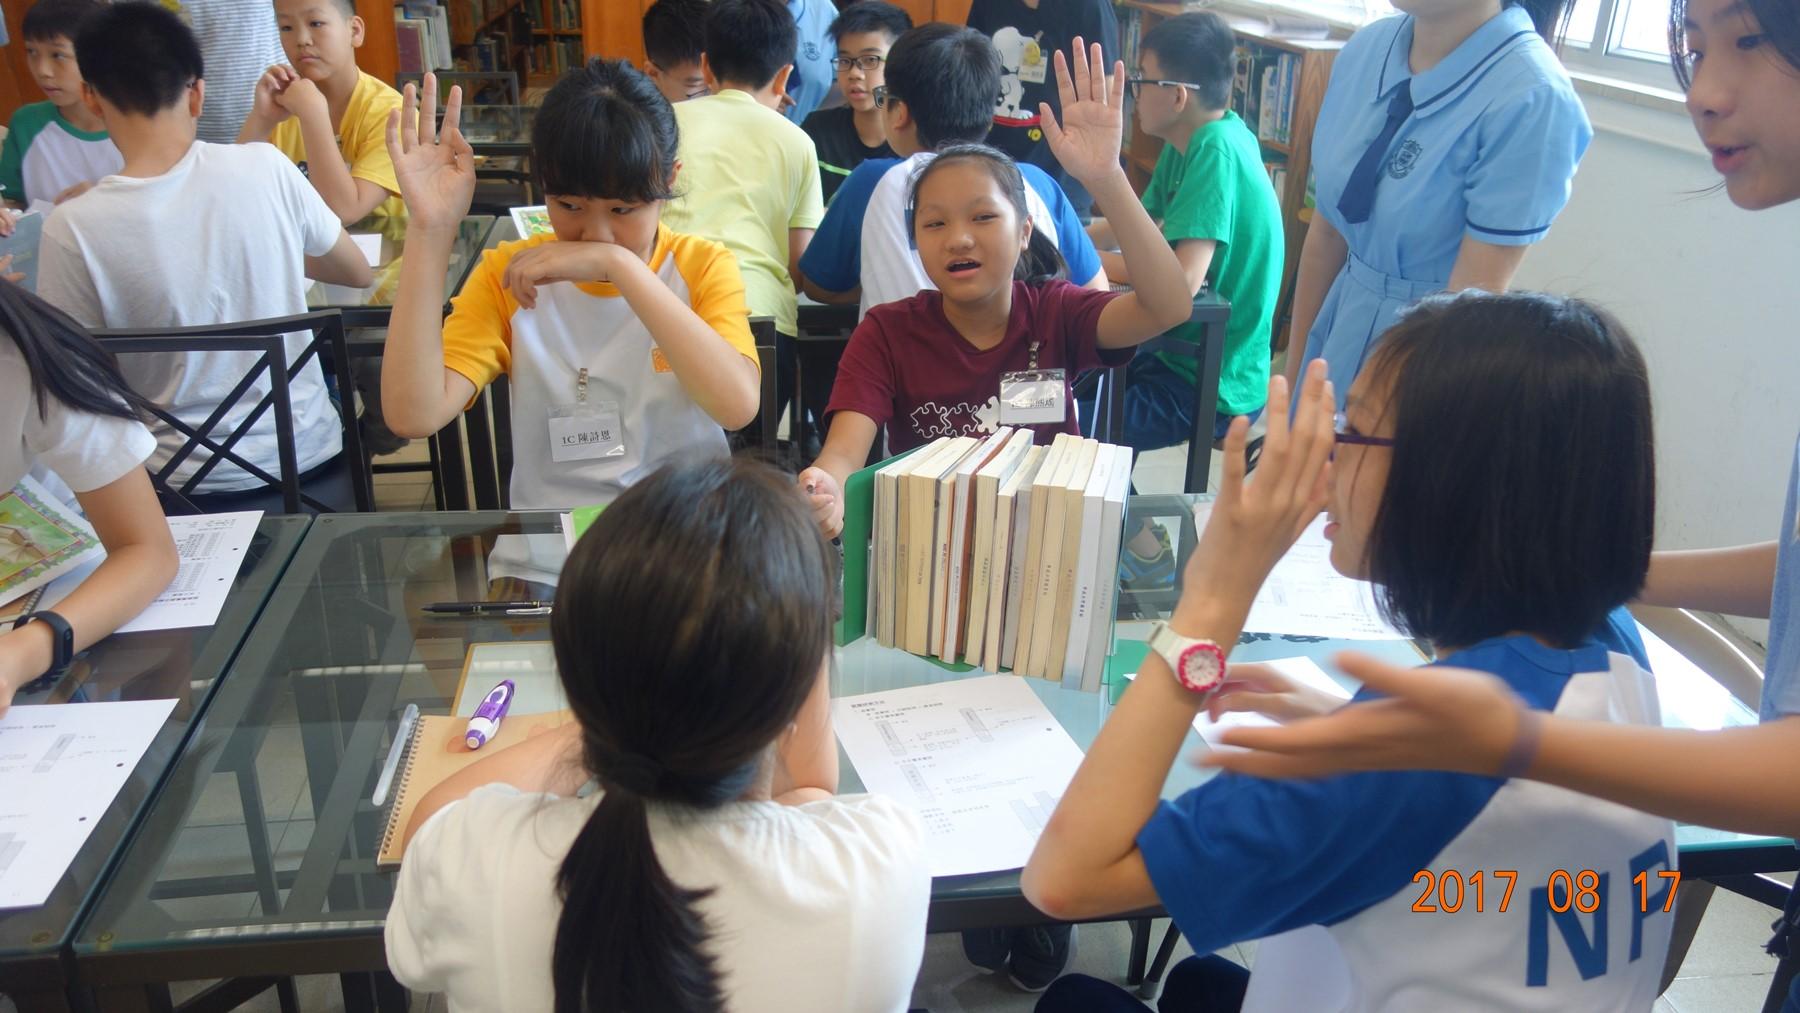 http://www.npc.edu.hk/sites/default/files/1c_kai_qi_zhi_shi_bao_ku_zhi_men_20170817_01.jpg